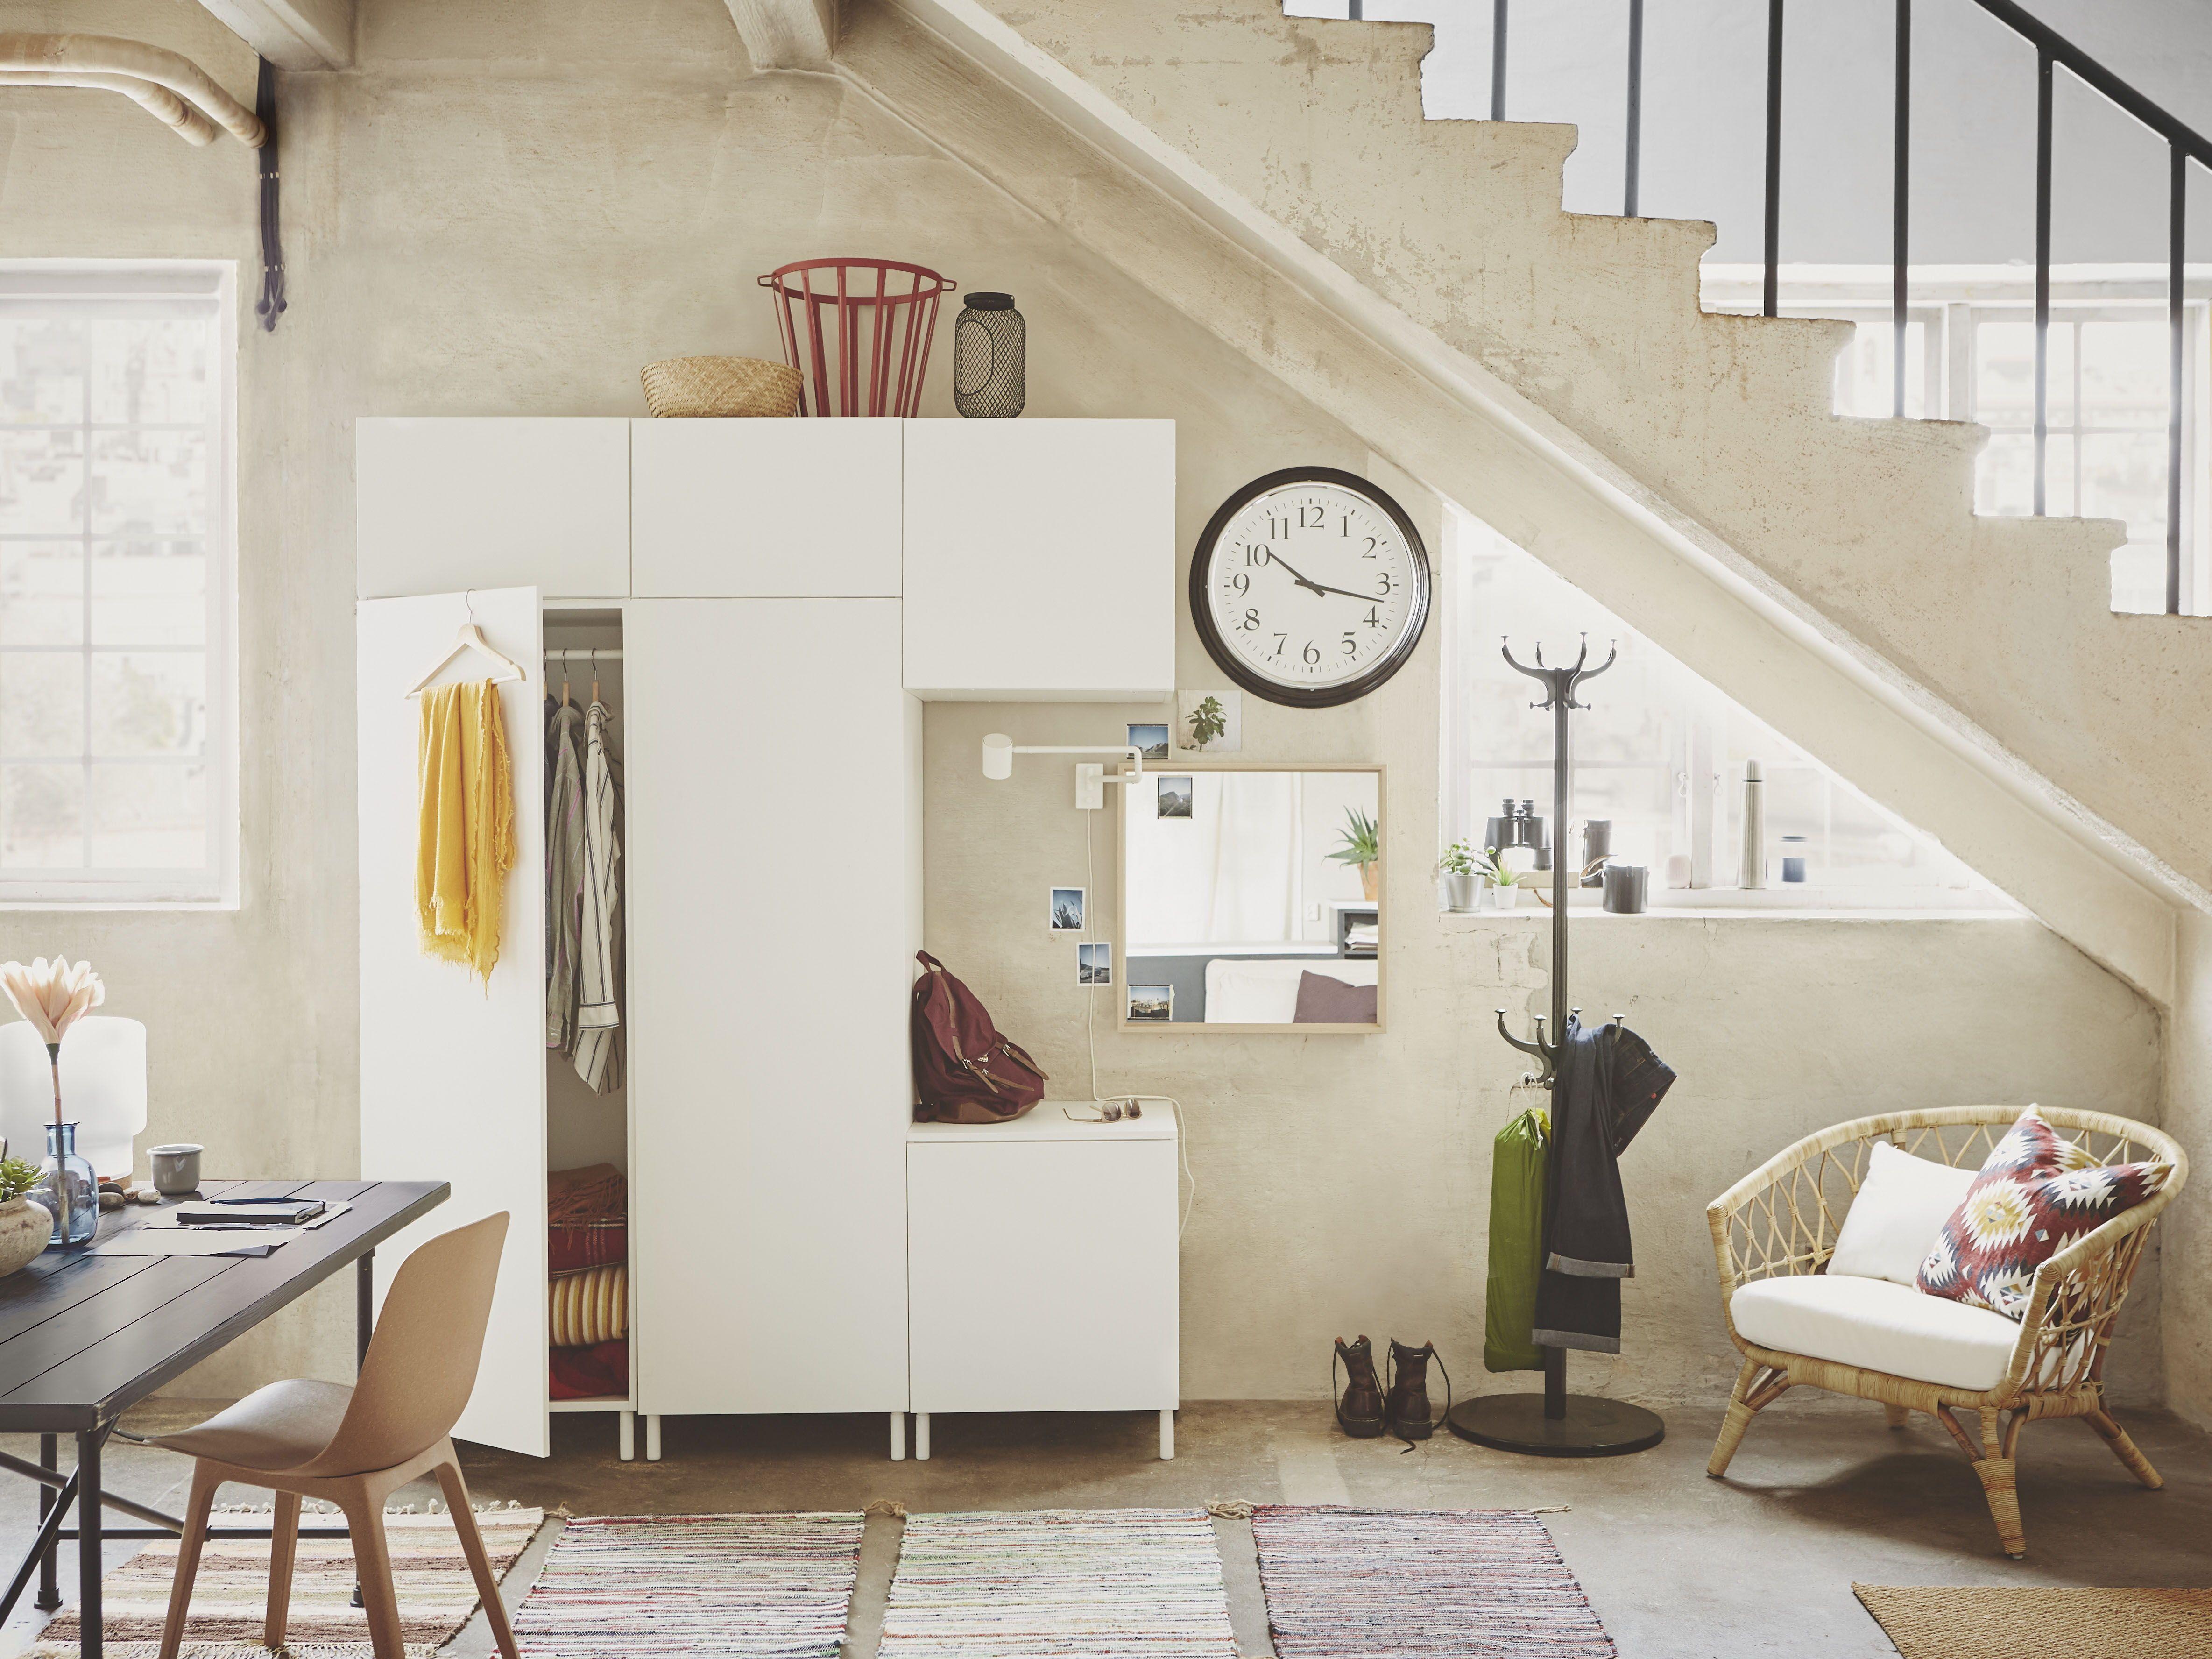 Spiegel Kledingkast Ikea : Platsa kledingkast ikea ikeanl ikeanederland inspiratie